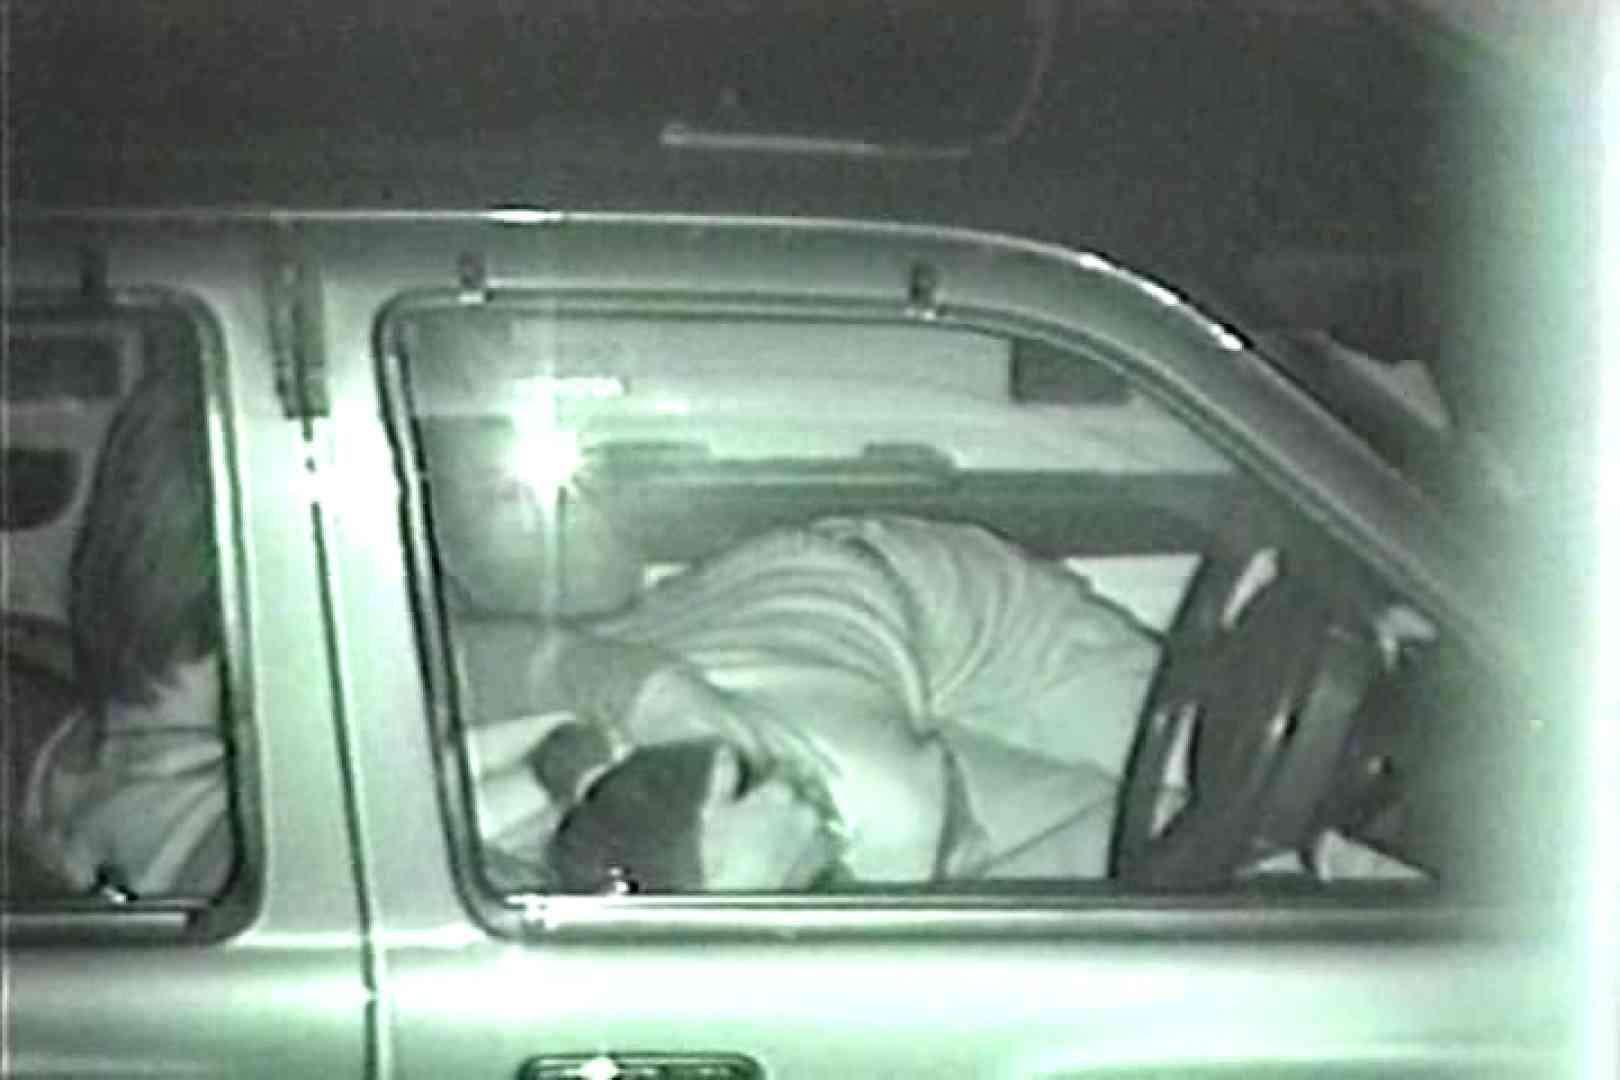 車の中はラブホテル 無修正版  Vol.7 カーセックス 盗撮ヌード画像 96連発 38